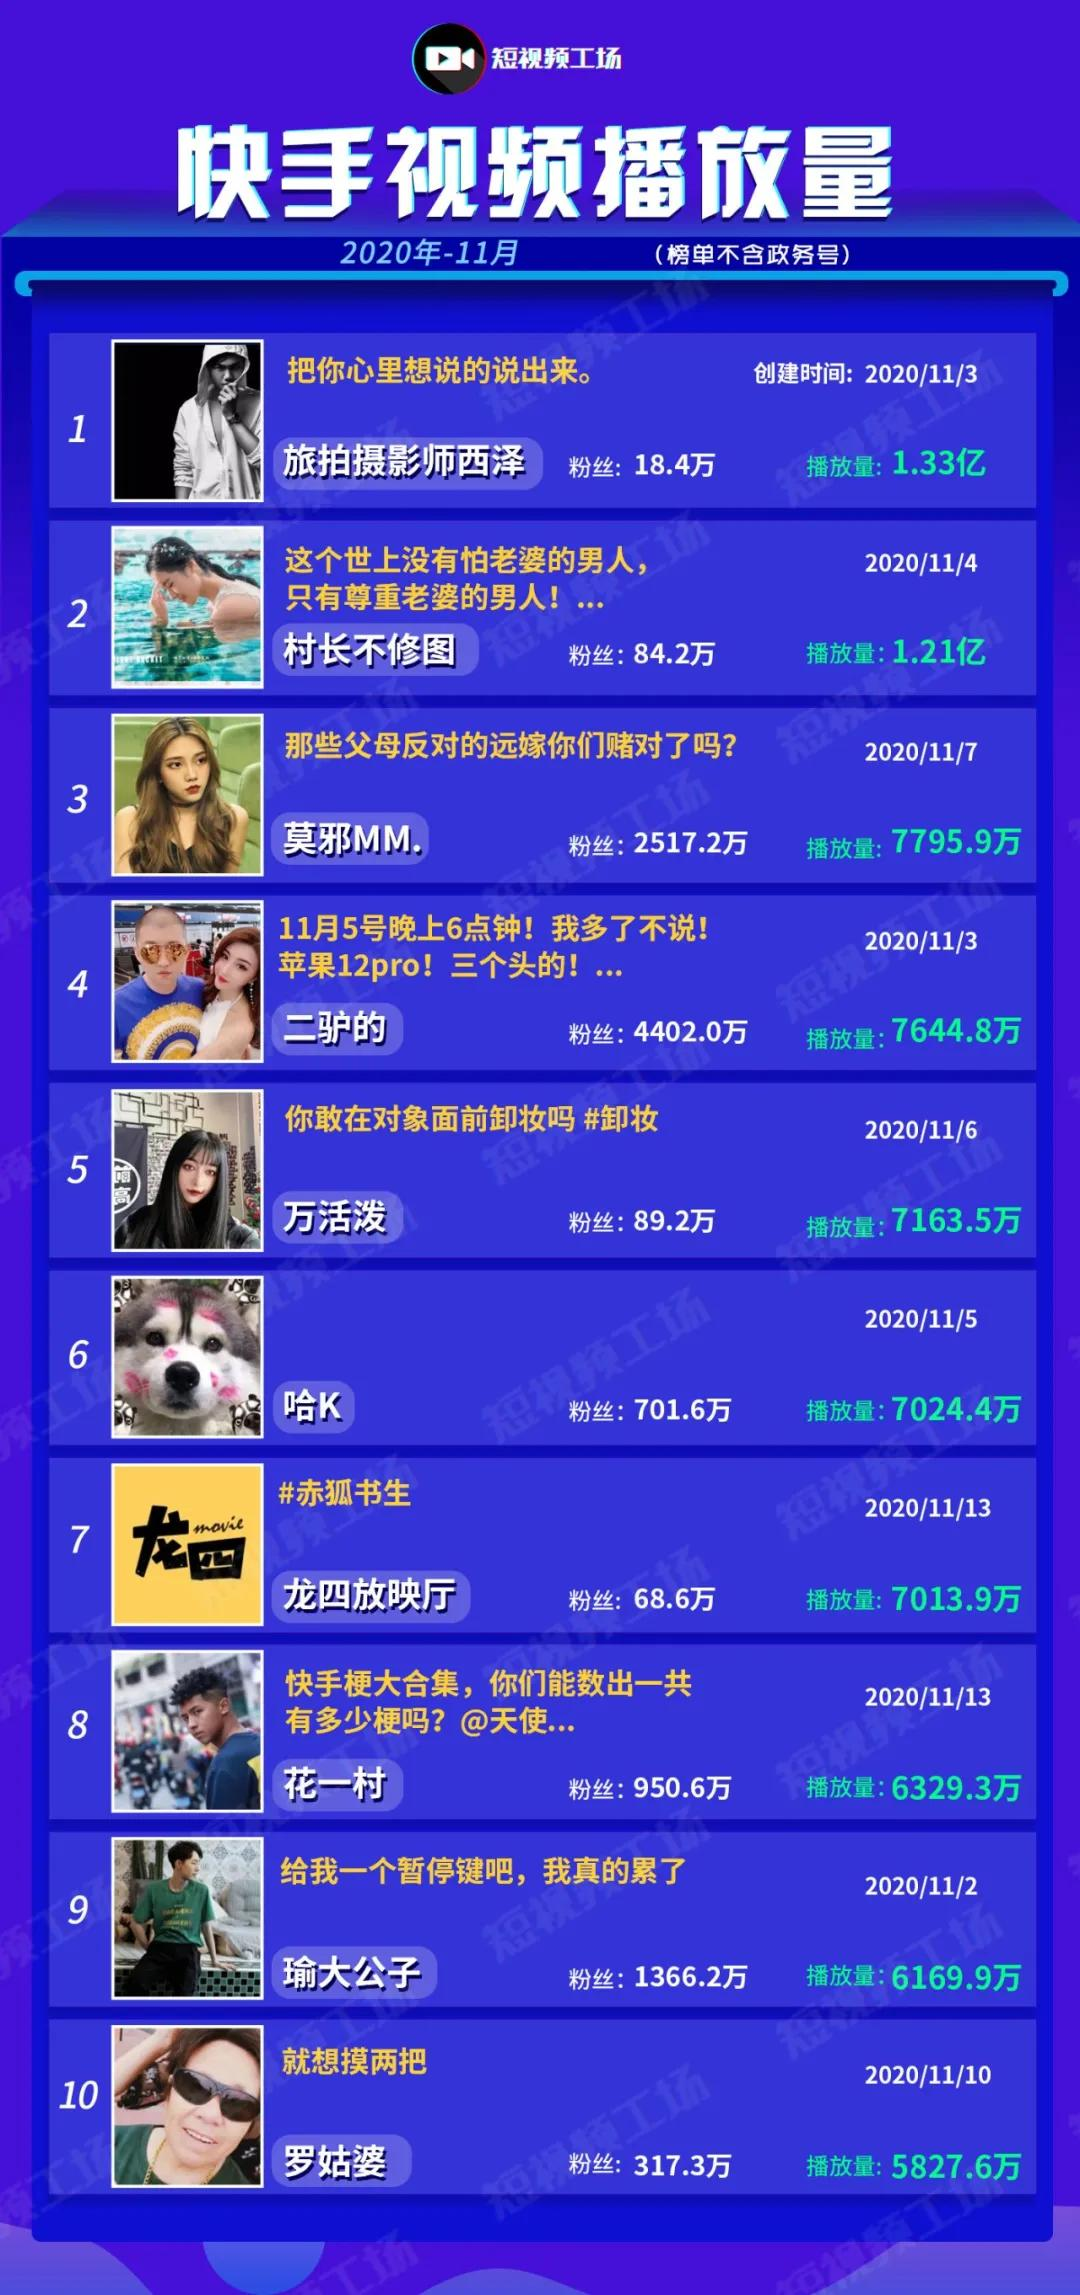 11月粉丝增长榜:抖音大LOGO吃垮北京、梅尼耶;快手杨幂、吴召国